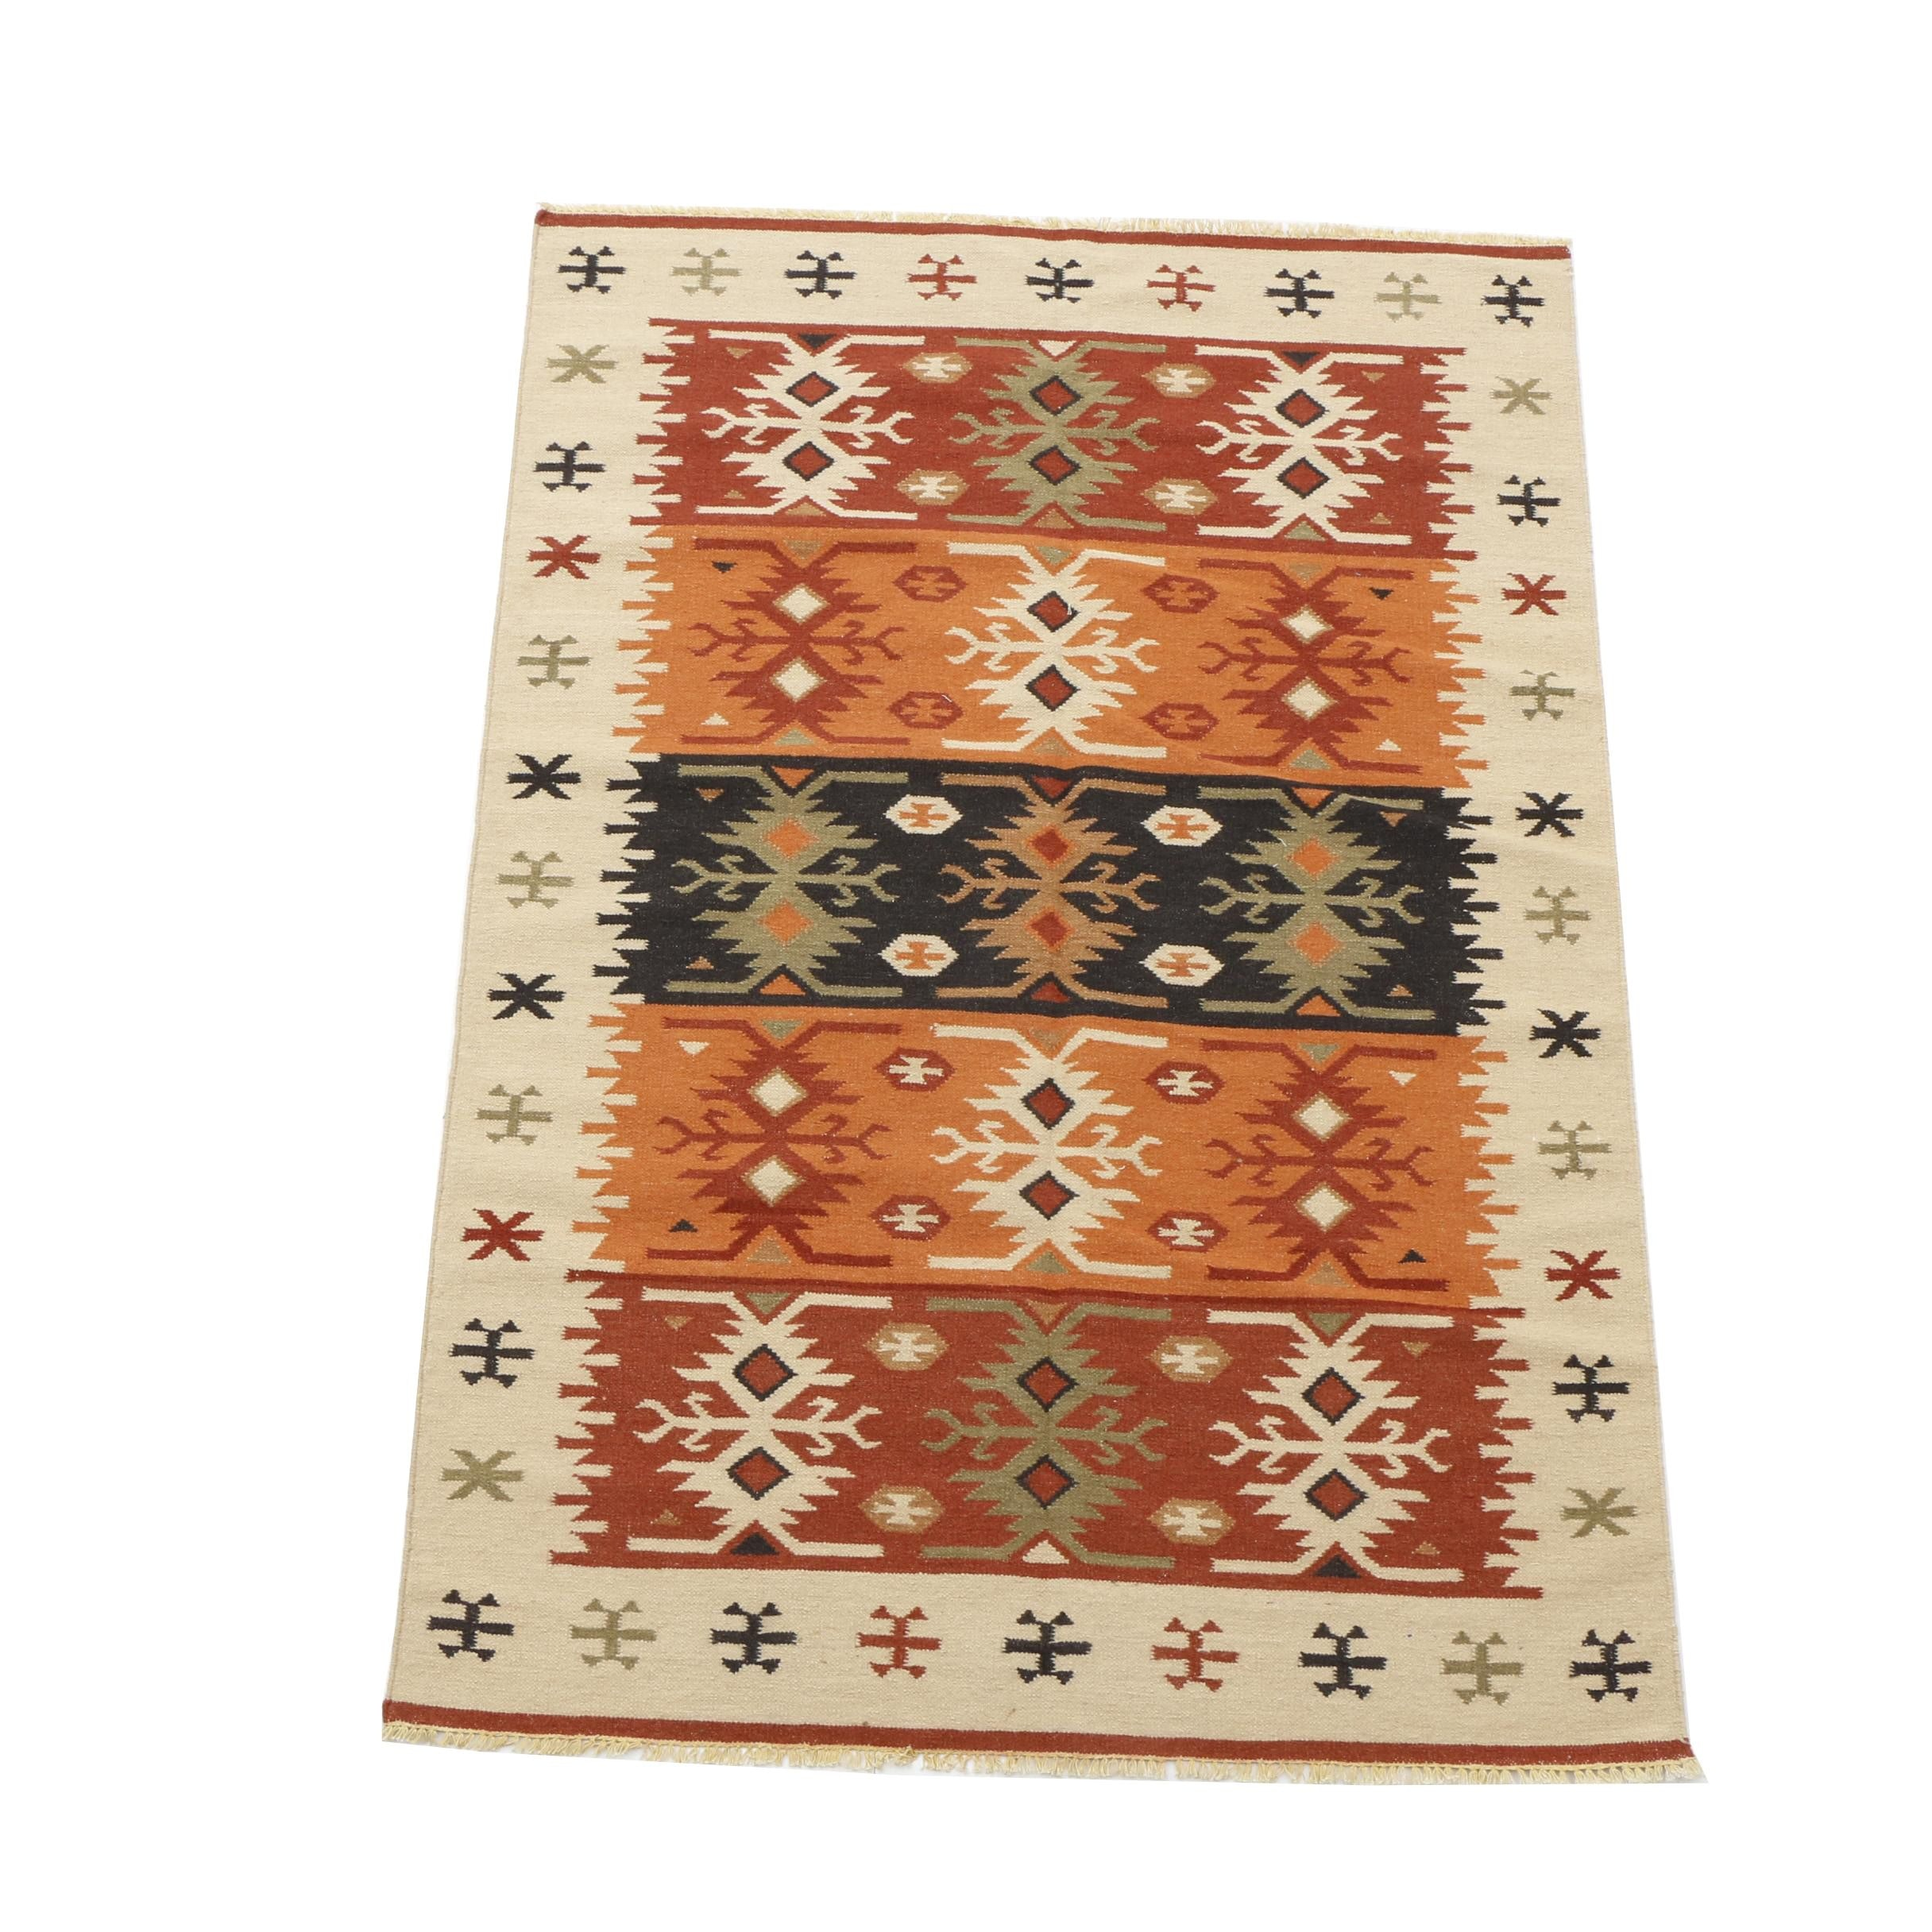 Vintage Handwoven Indian Wool Kilim